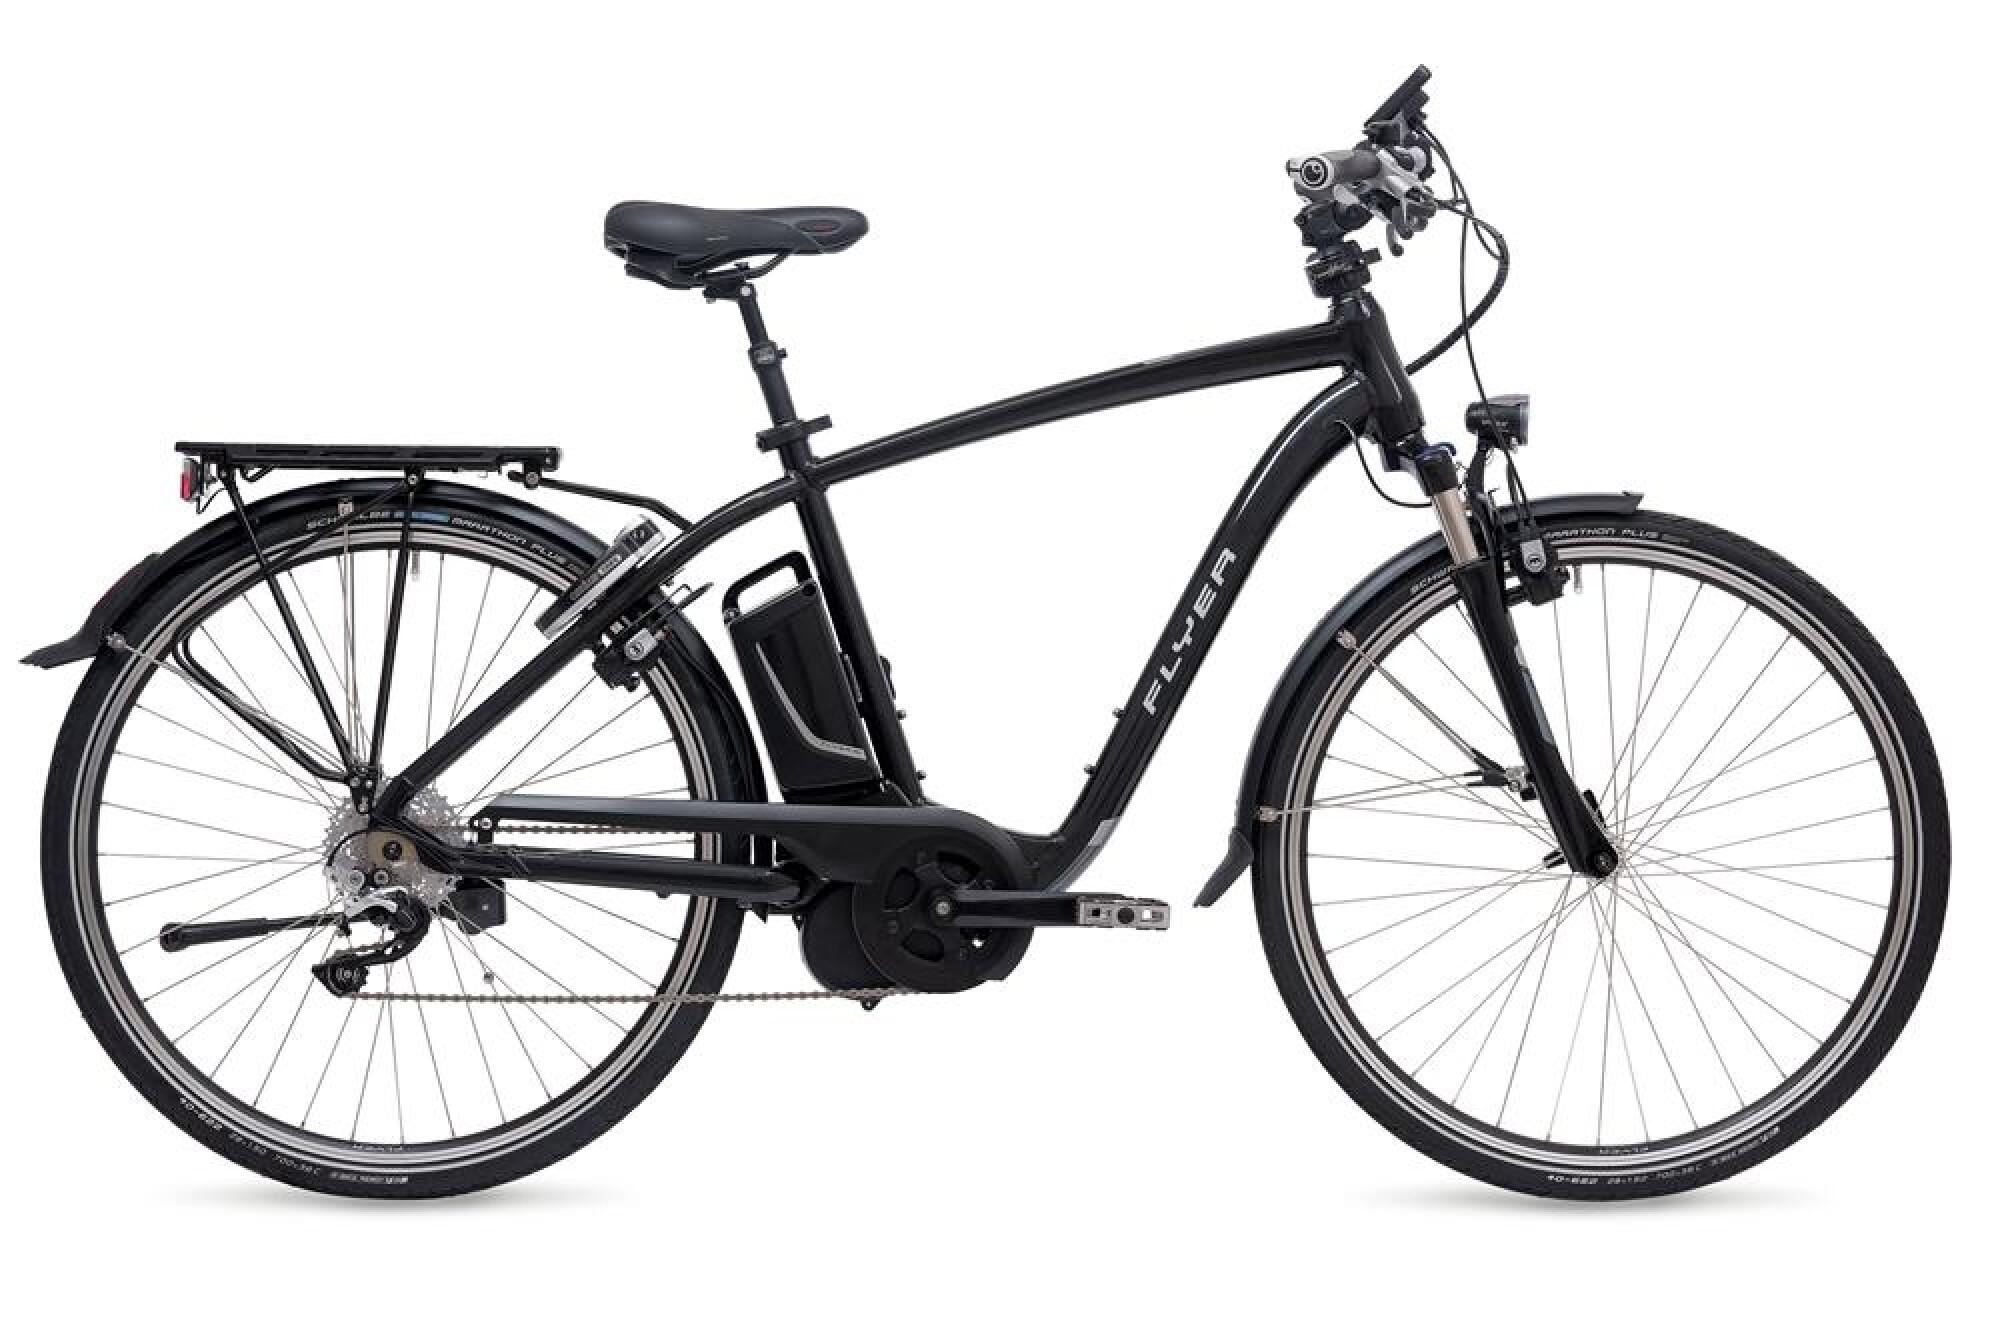 e bike flyer t serie 2016 bei alle details. Black Bedroom Furniture Sets. Home Design Ideas